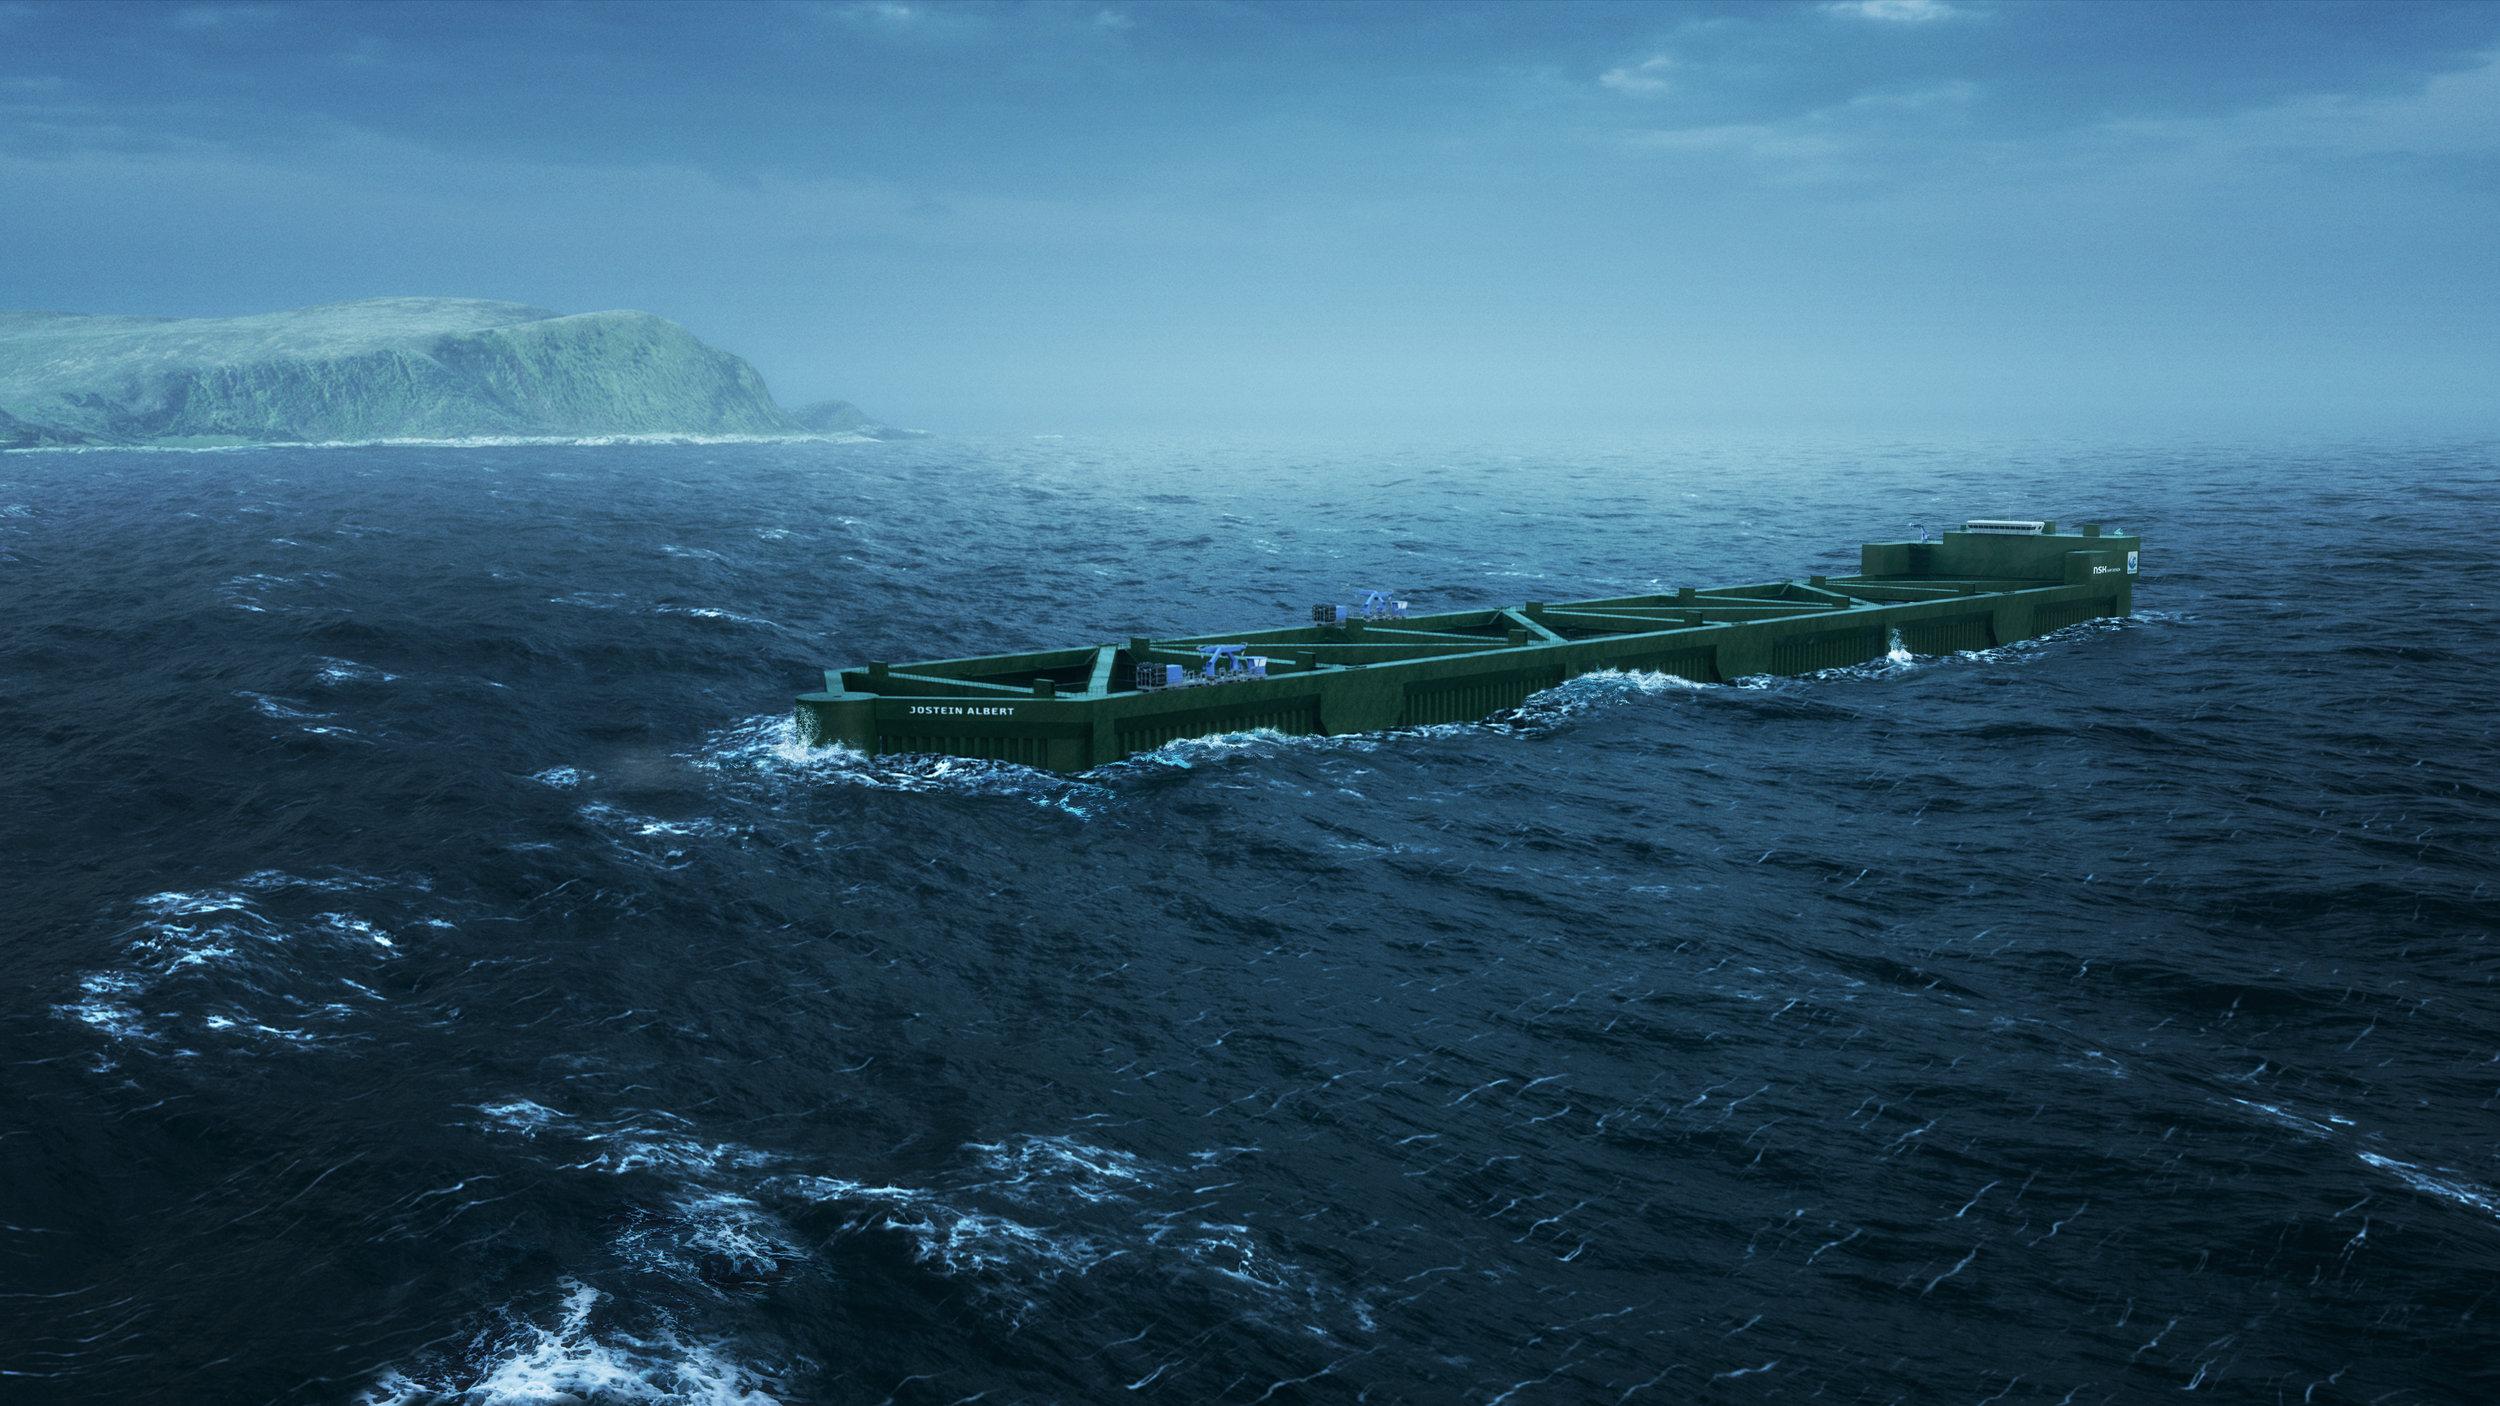 Stasjonær Havfarm - Blir 385 meter lang, nærmere 60 meter bred og er tiltenkt en lokalitet sør-vest av Hadseløya i Hadsel kommune. Planen er å sette ut fisk i Havfarmen våren 2020.